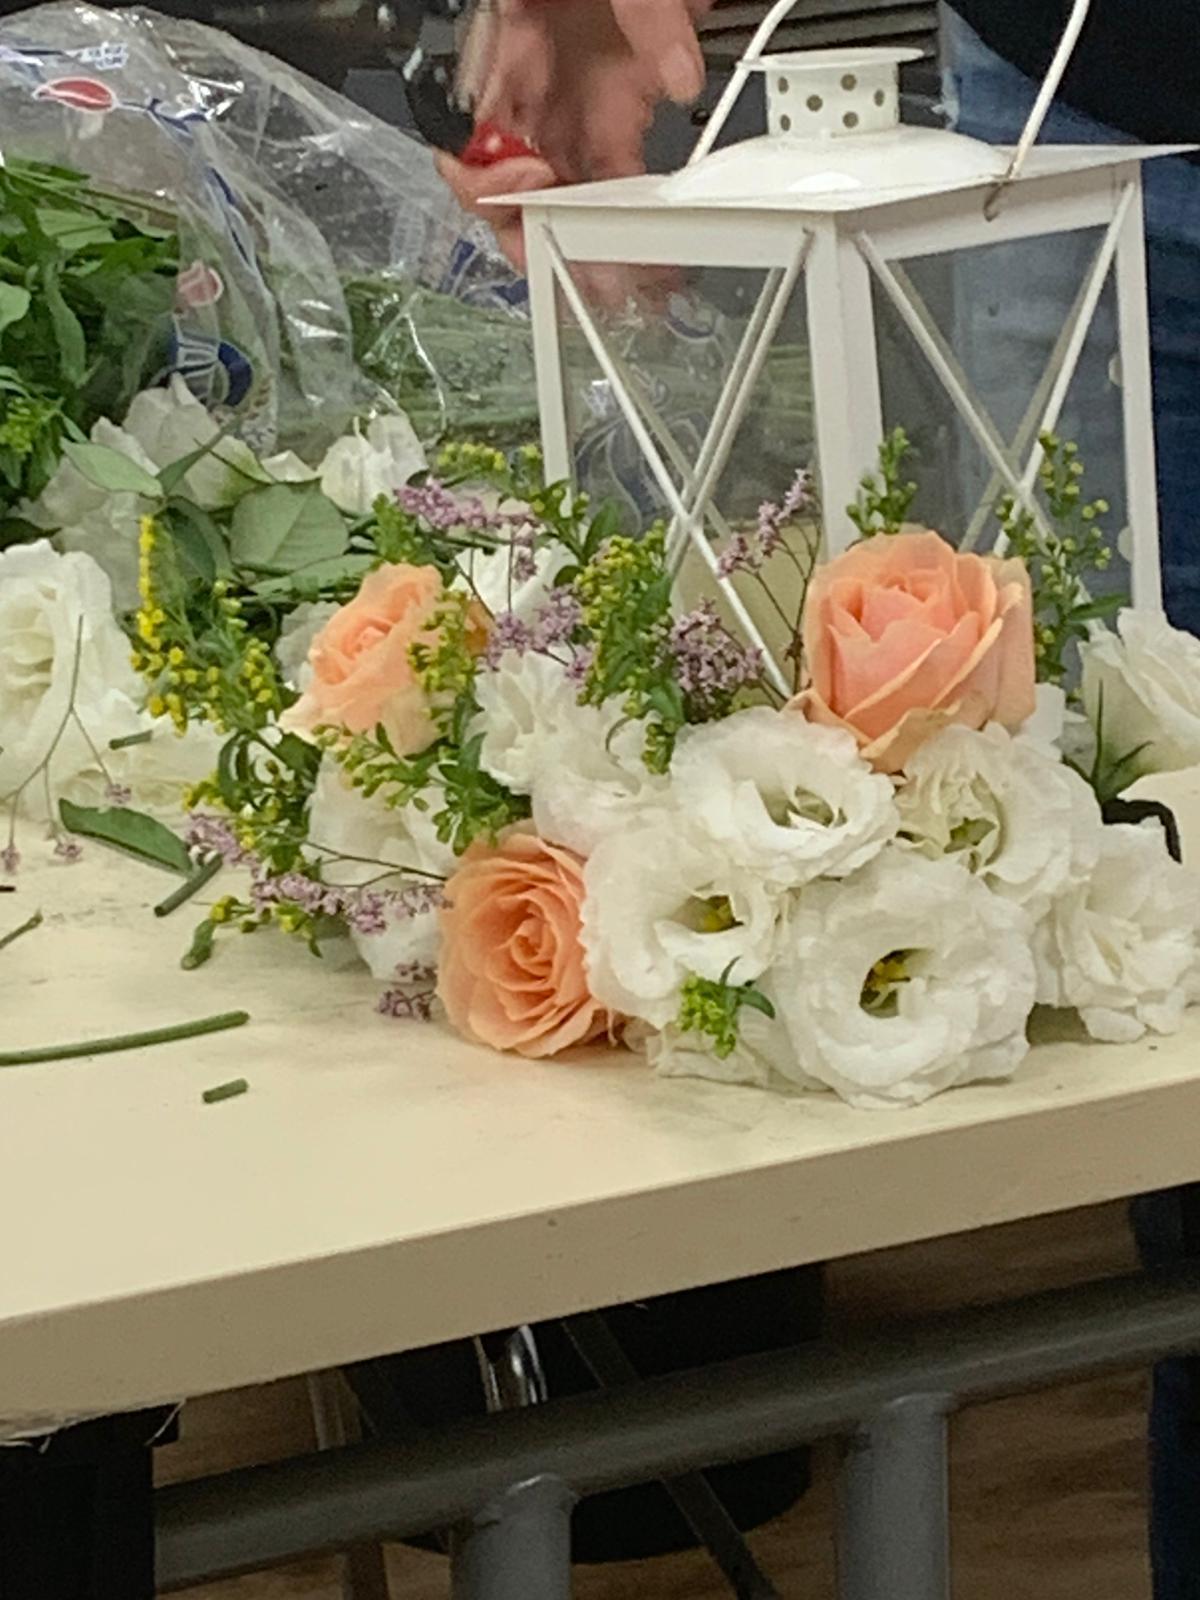 גלרייה - שיעור שזירת פרחים - קורס הפקת אירועים מחזור 24, 34 מתוך 35